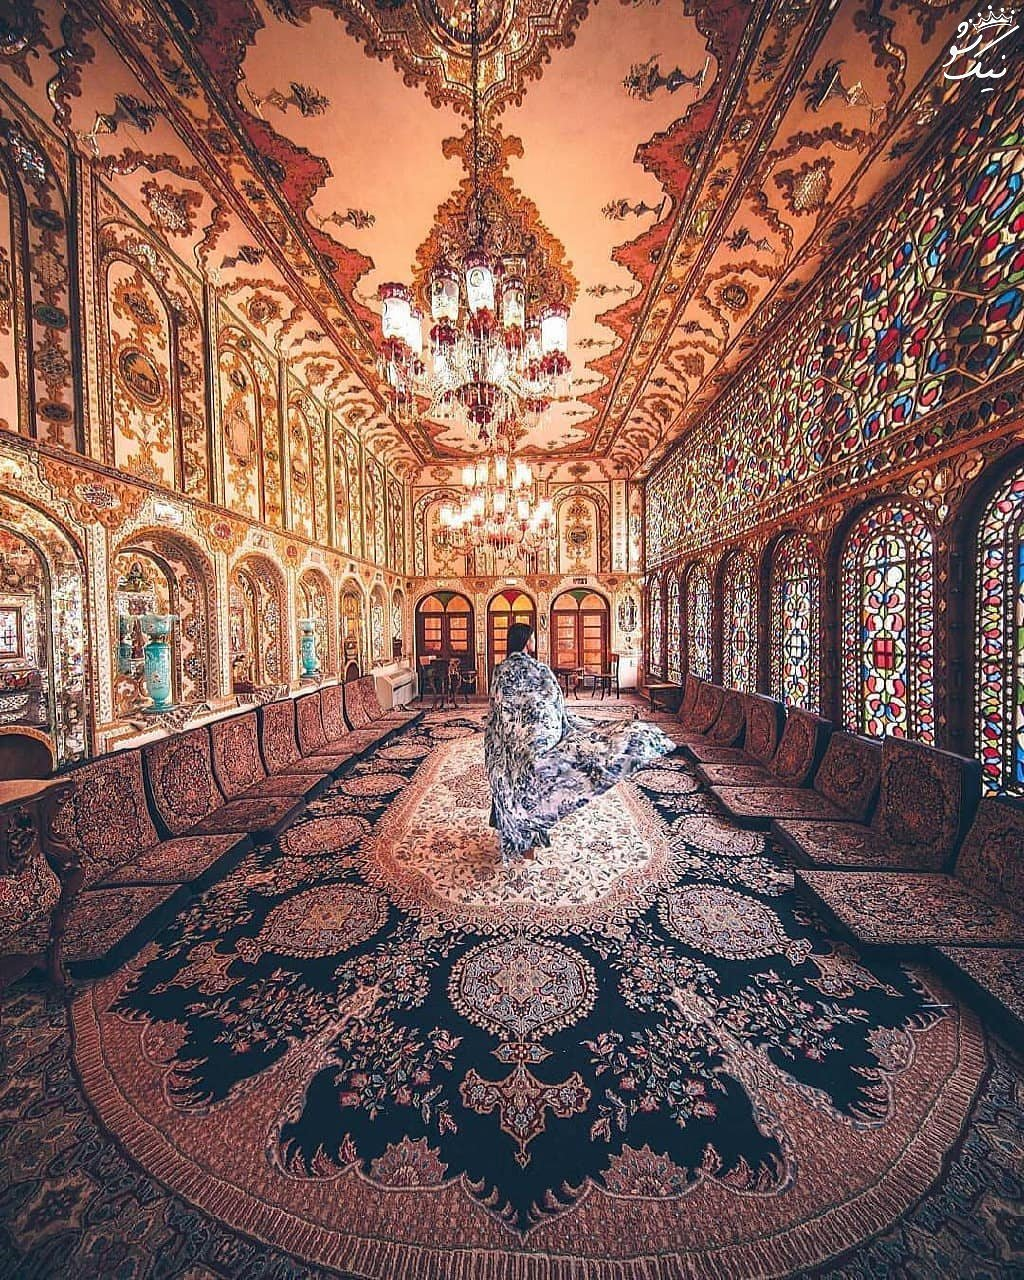 ایران گردی | معرفی جذاب ترین مکان های ایران برای سفر (2)